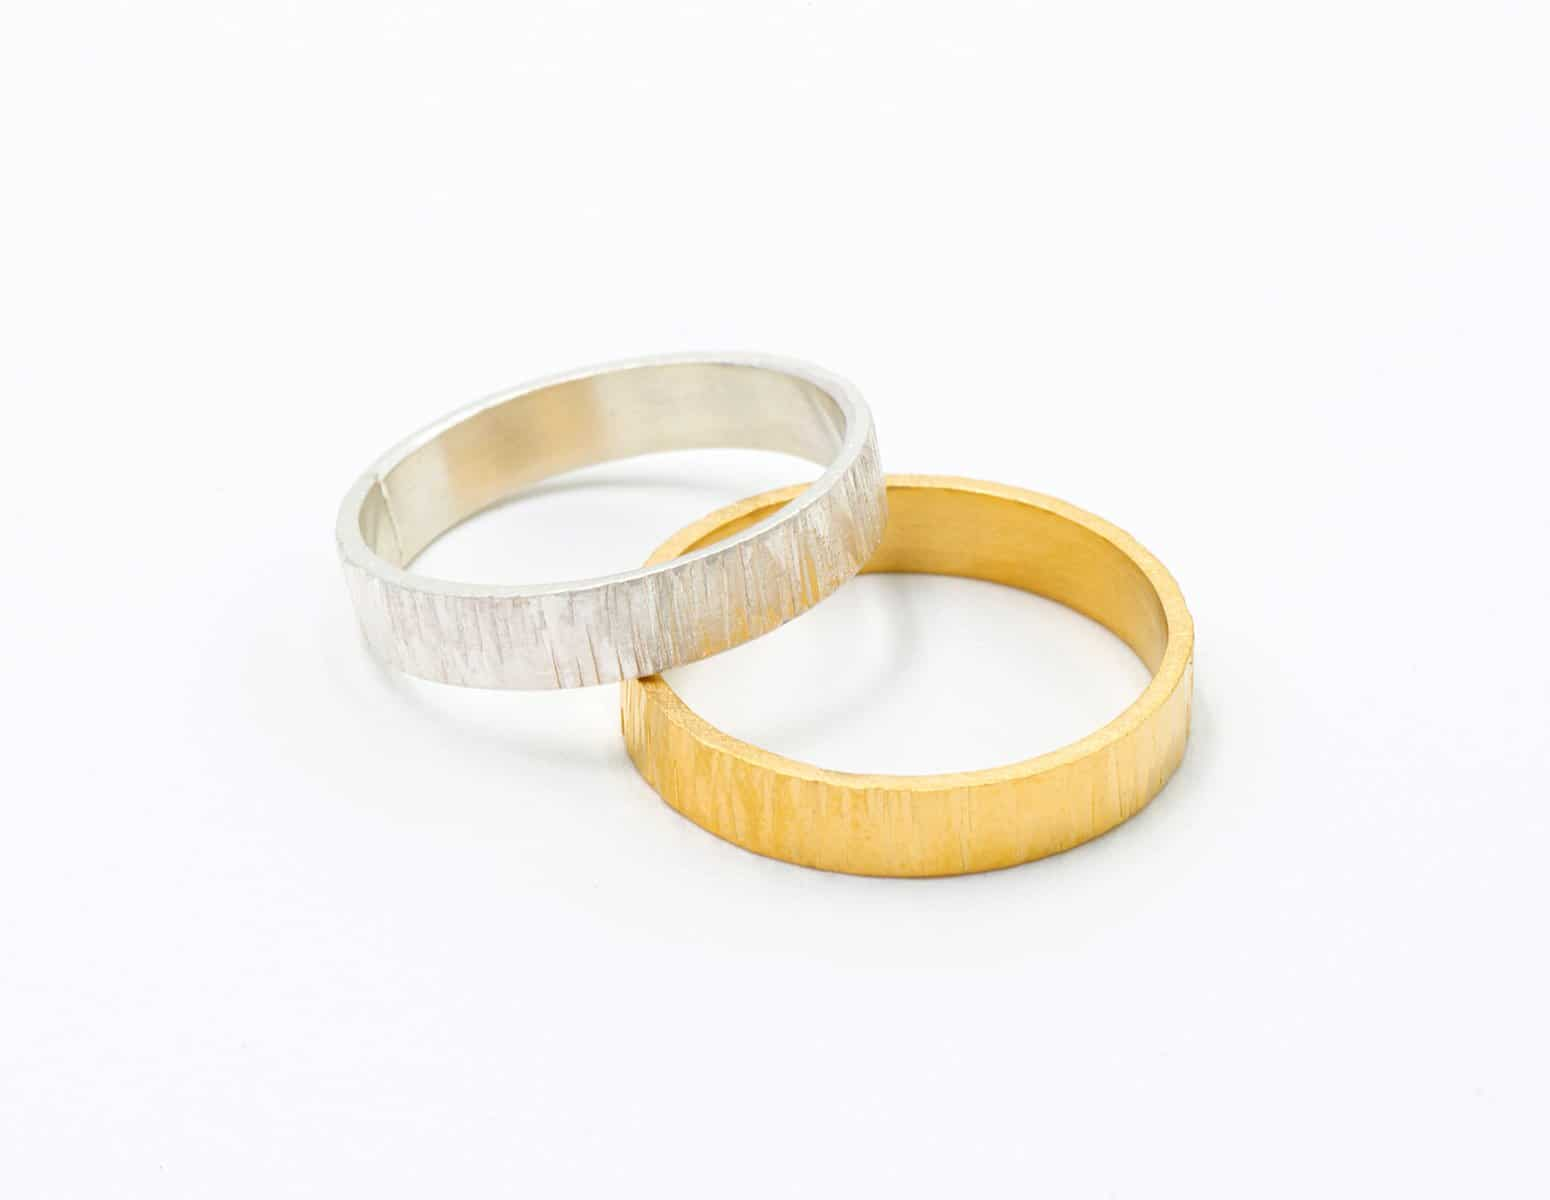 Alianzas con texturas martelé de oro justo